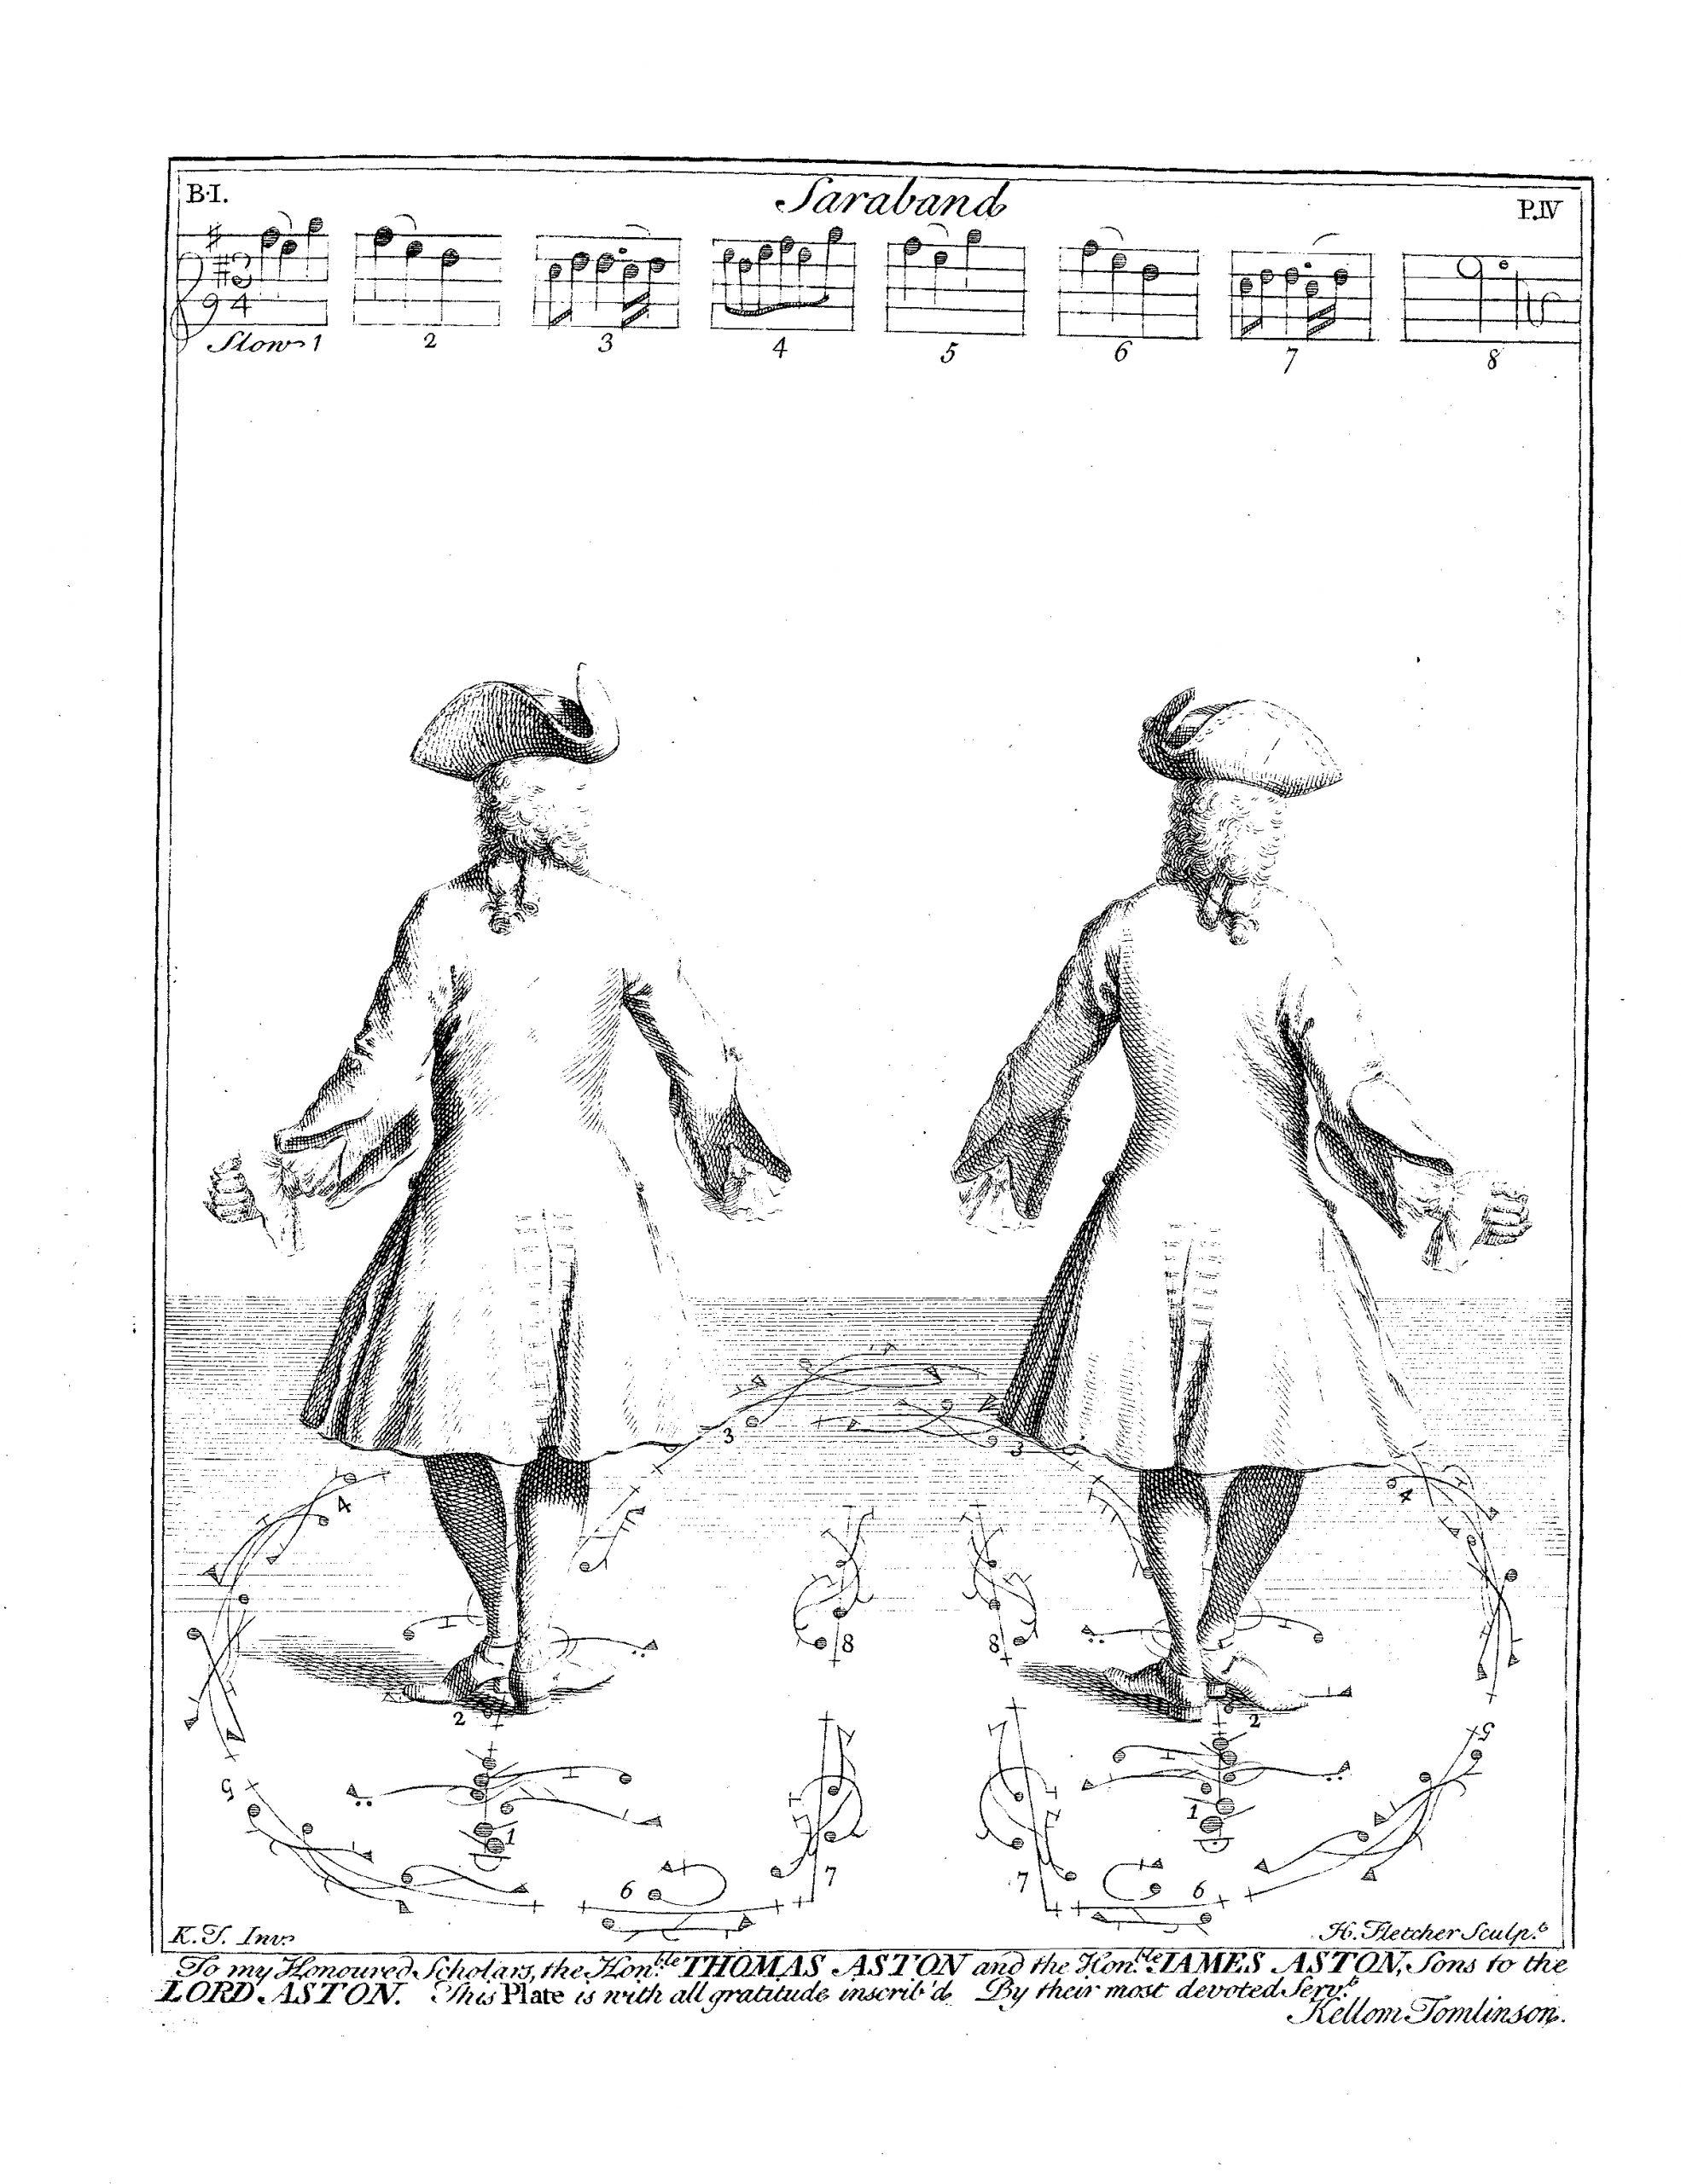 Tomlinson-sarabande-handel-concerto-4.jpg